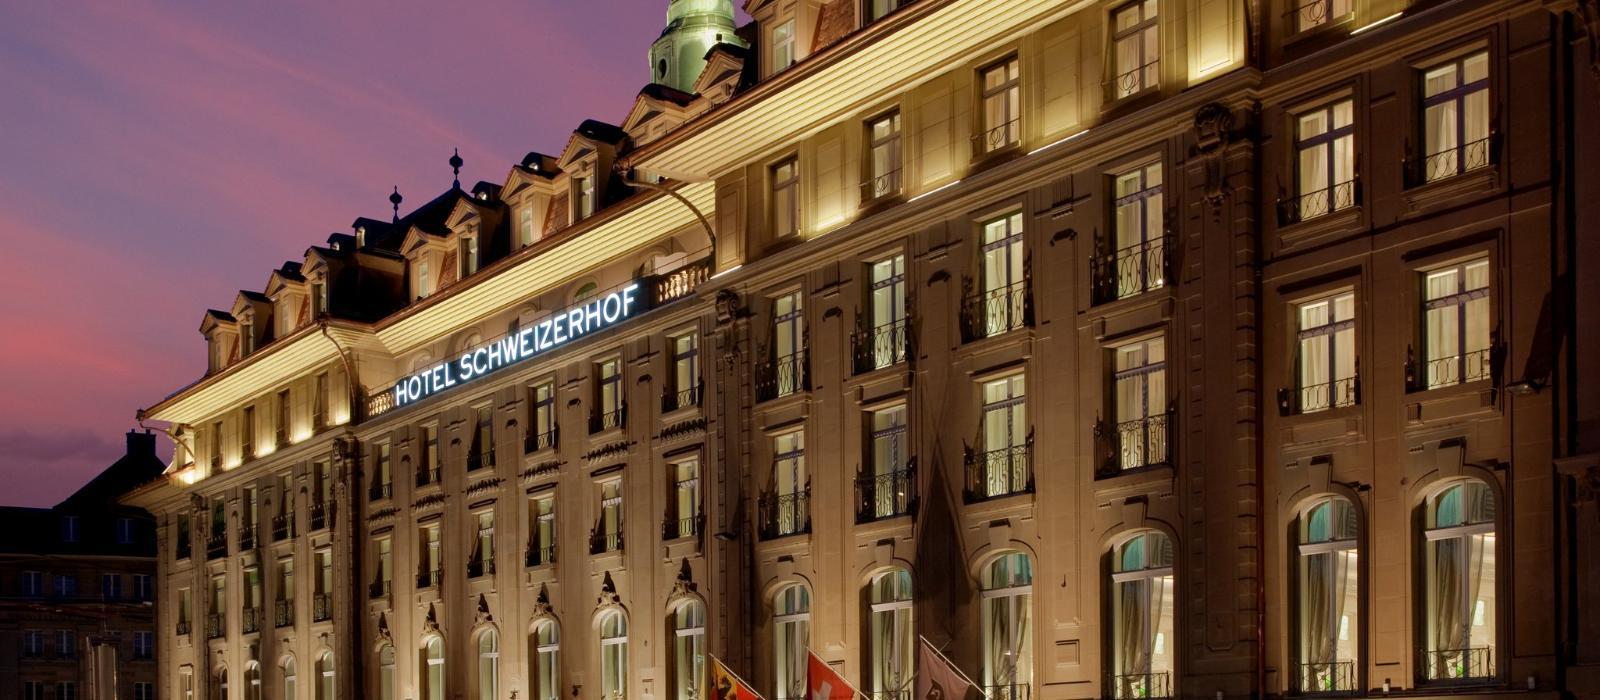 伯尔尼玺威豪酒店(Hotel Schweizerhof Bern & THE SPA) 酒店外观图片  www.lhw.cn